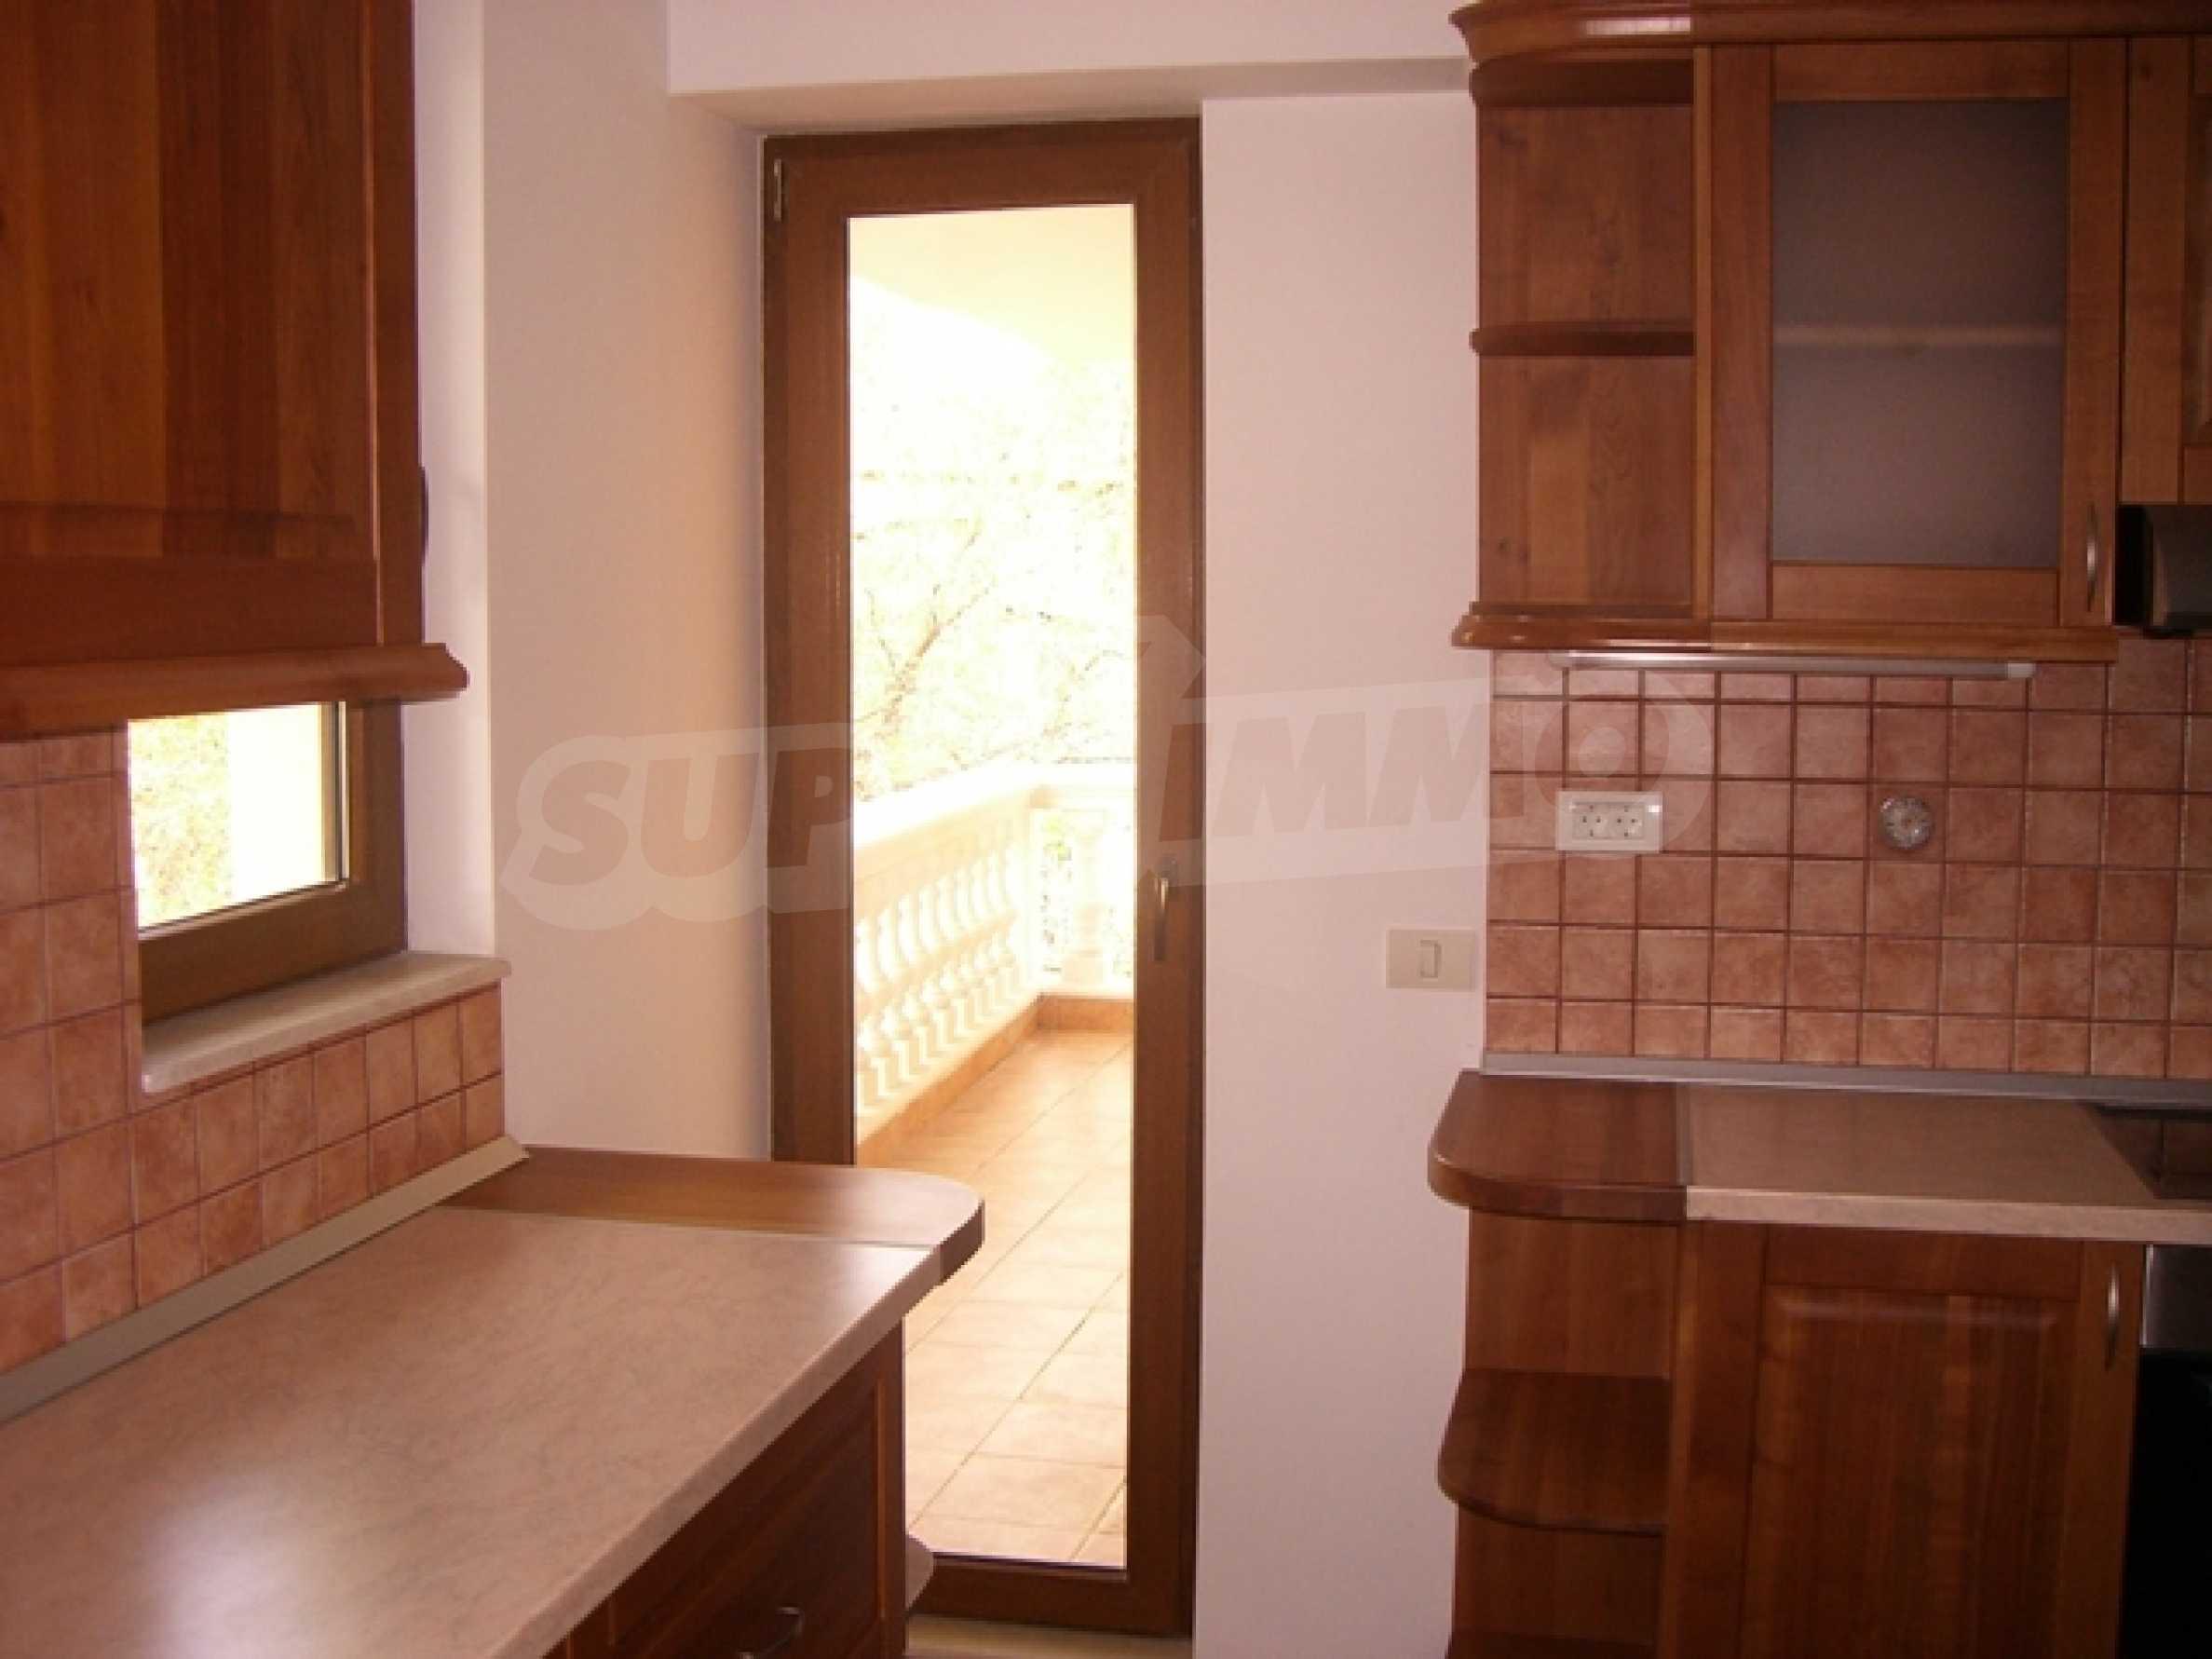 Residenz bulgarischen Traumhaus 38